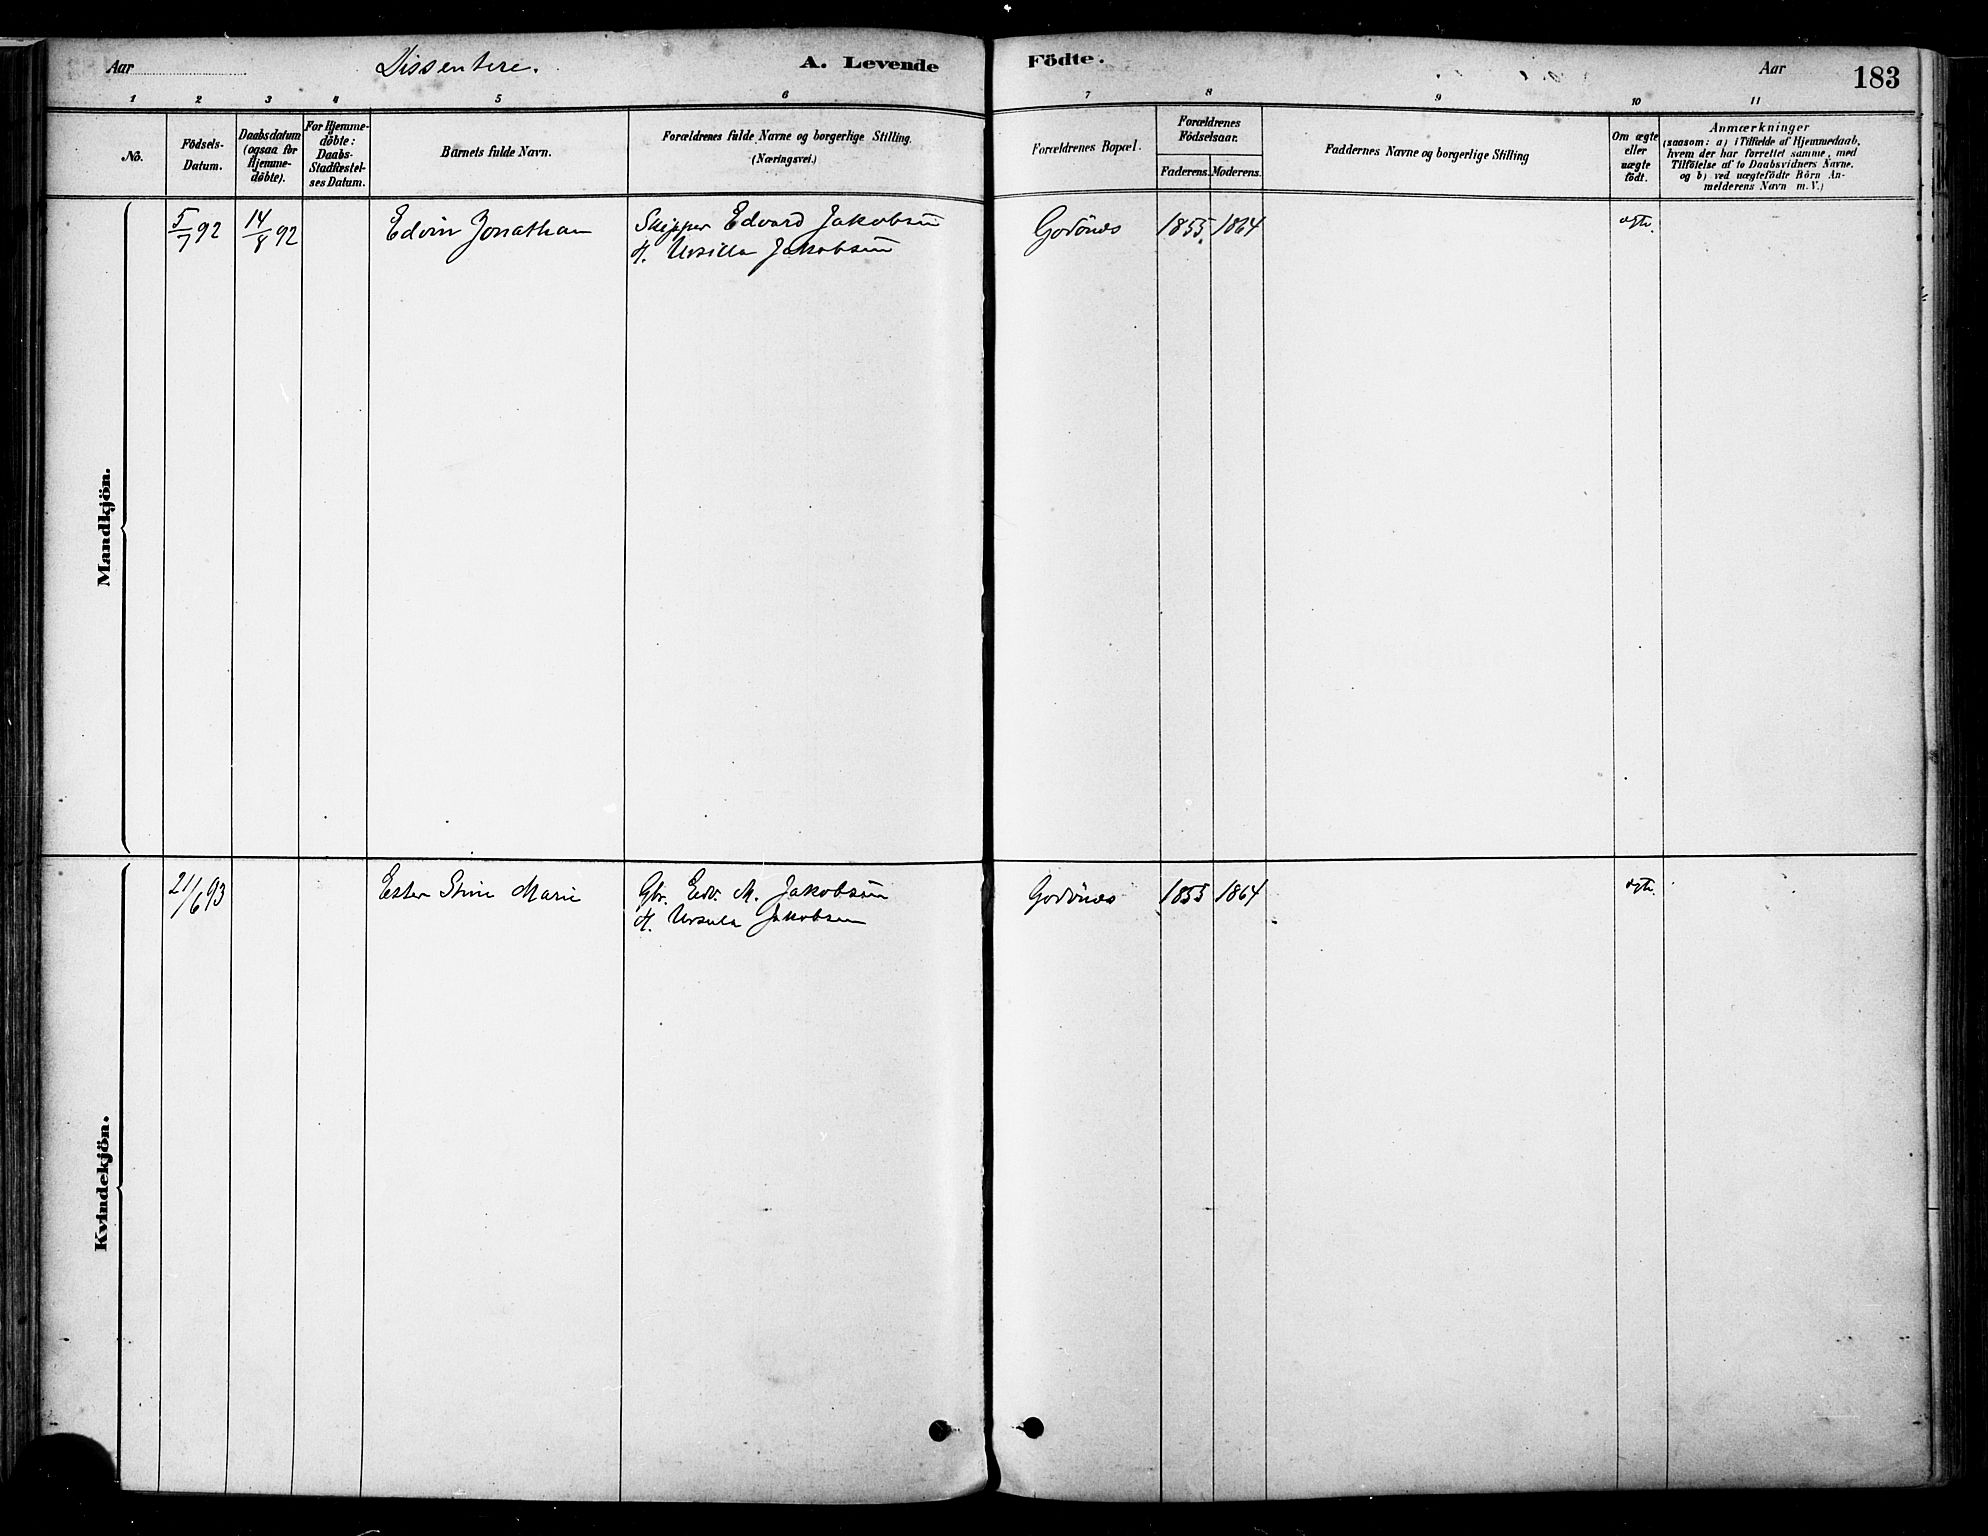 SAT, Ministerialprotokoller, klokkerbøker og fødselsregistre - Nordland, 802/L0054: Parish register (official) no. 802A01, 1879-1893, p. 183